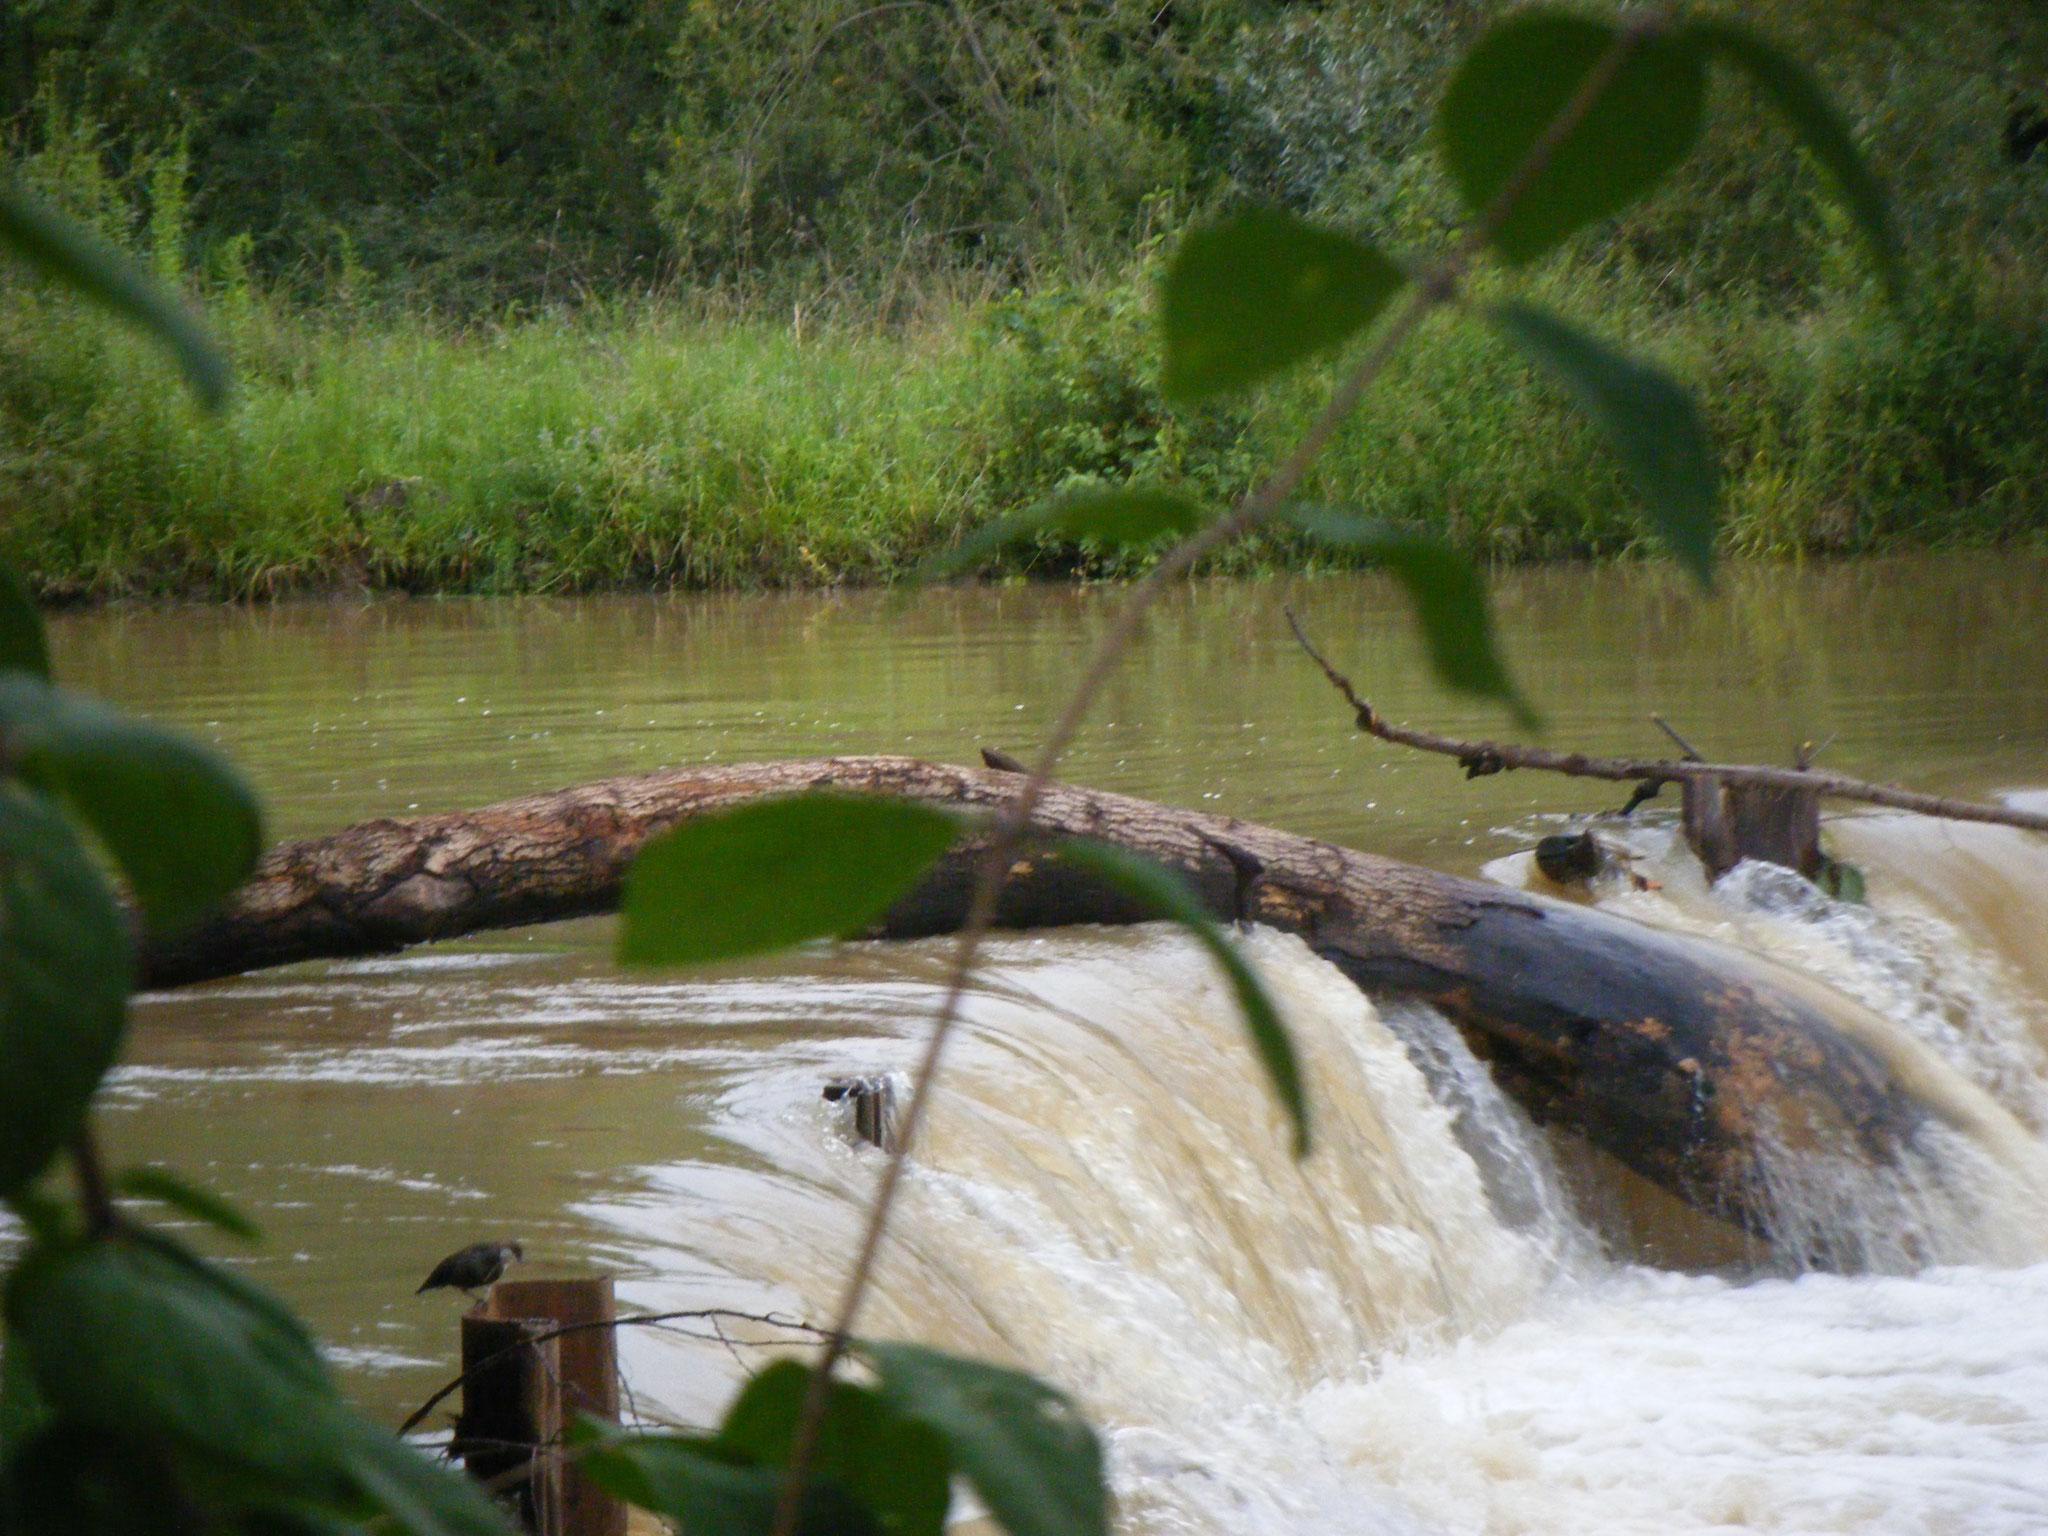 Die Wasseramsel freut sich über so viel Wasser, sie wippt fröhlich und hält Ausschau nach Jagdbeute.